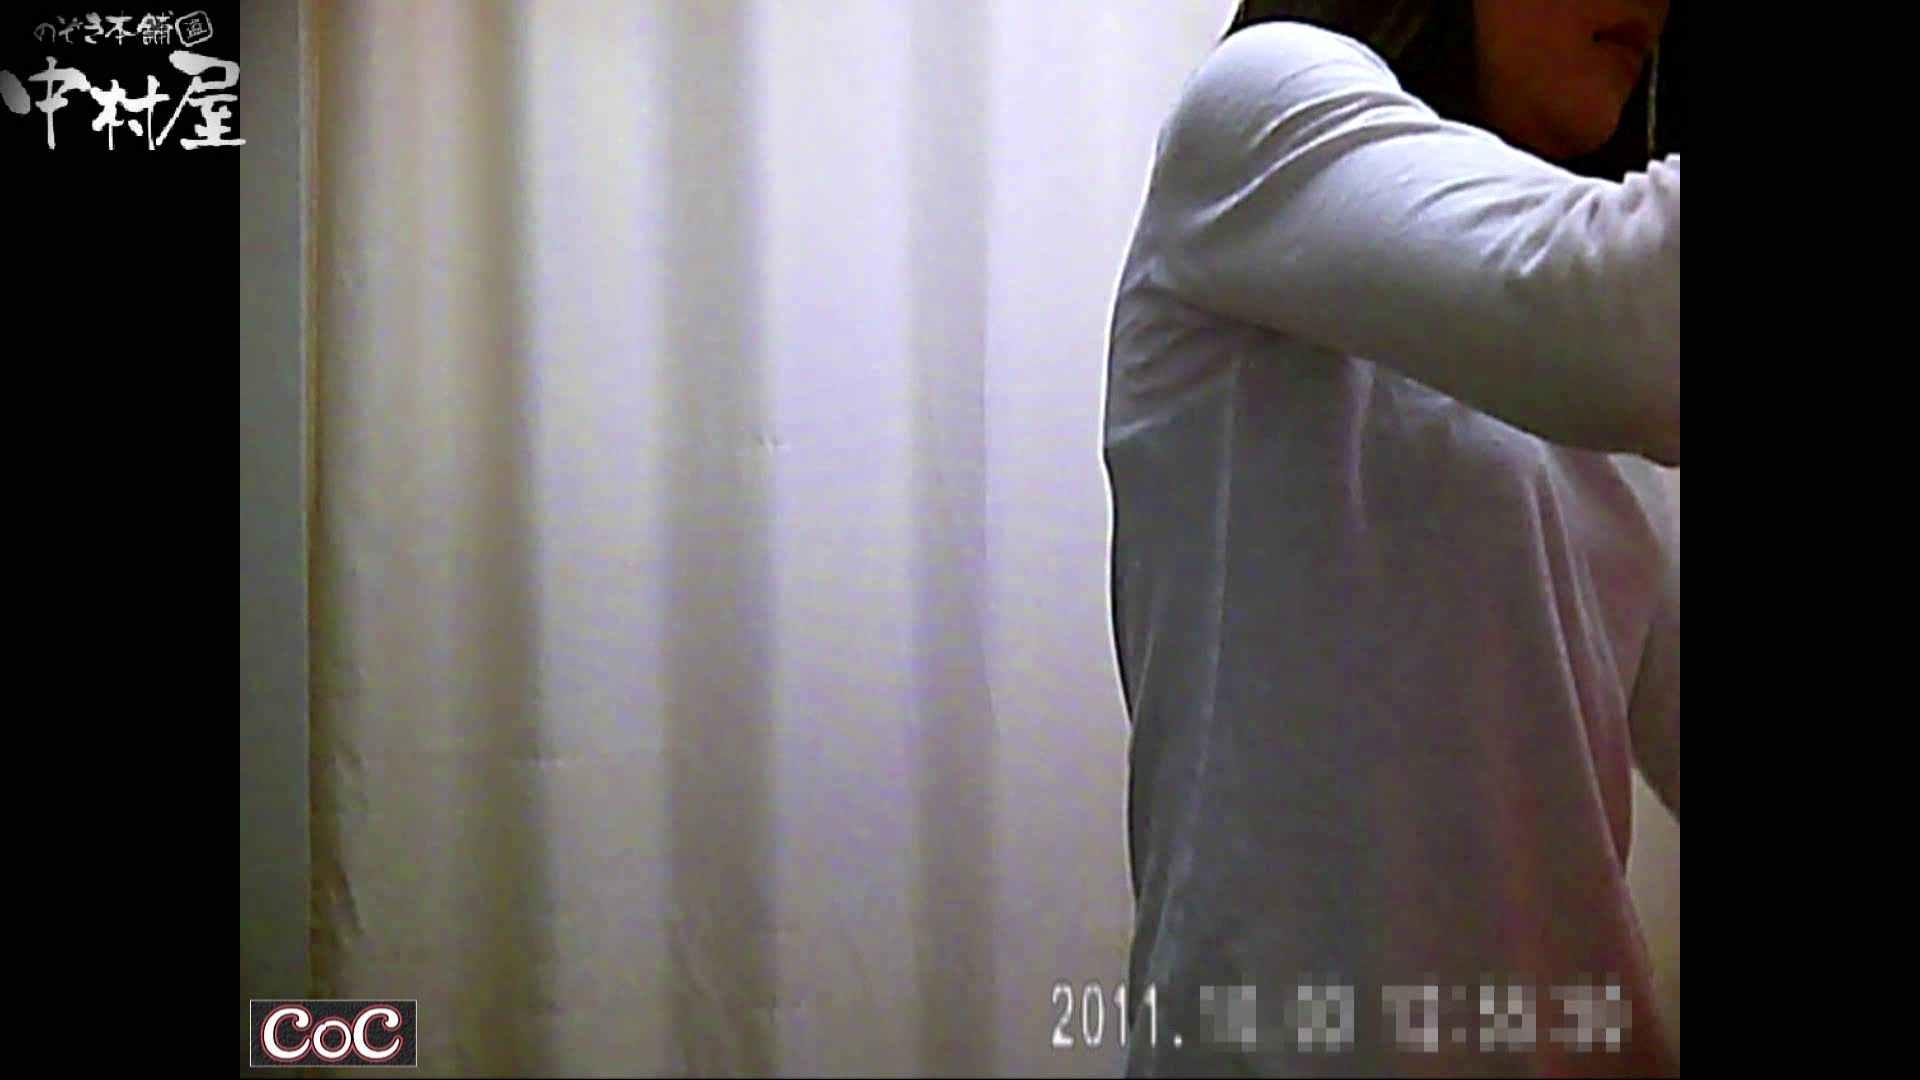 激ヤバ健康診断!着替えの一部始終.vol.48※本編ボカシ・目線無し ナース 盗撮AV動画キャプチャ 77画像 29